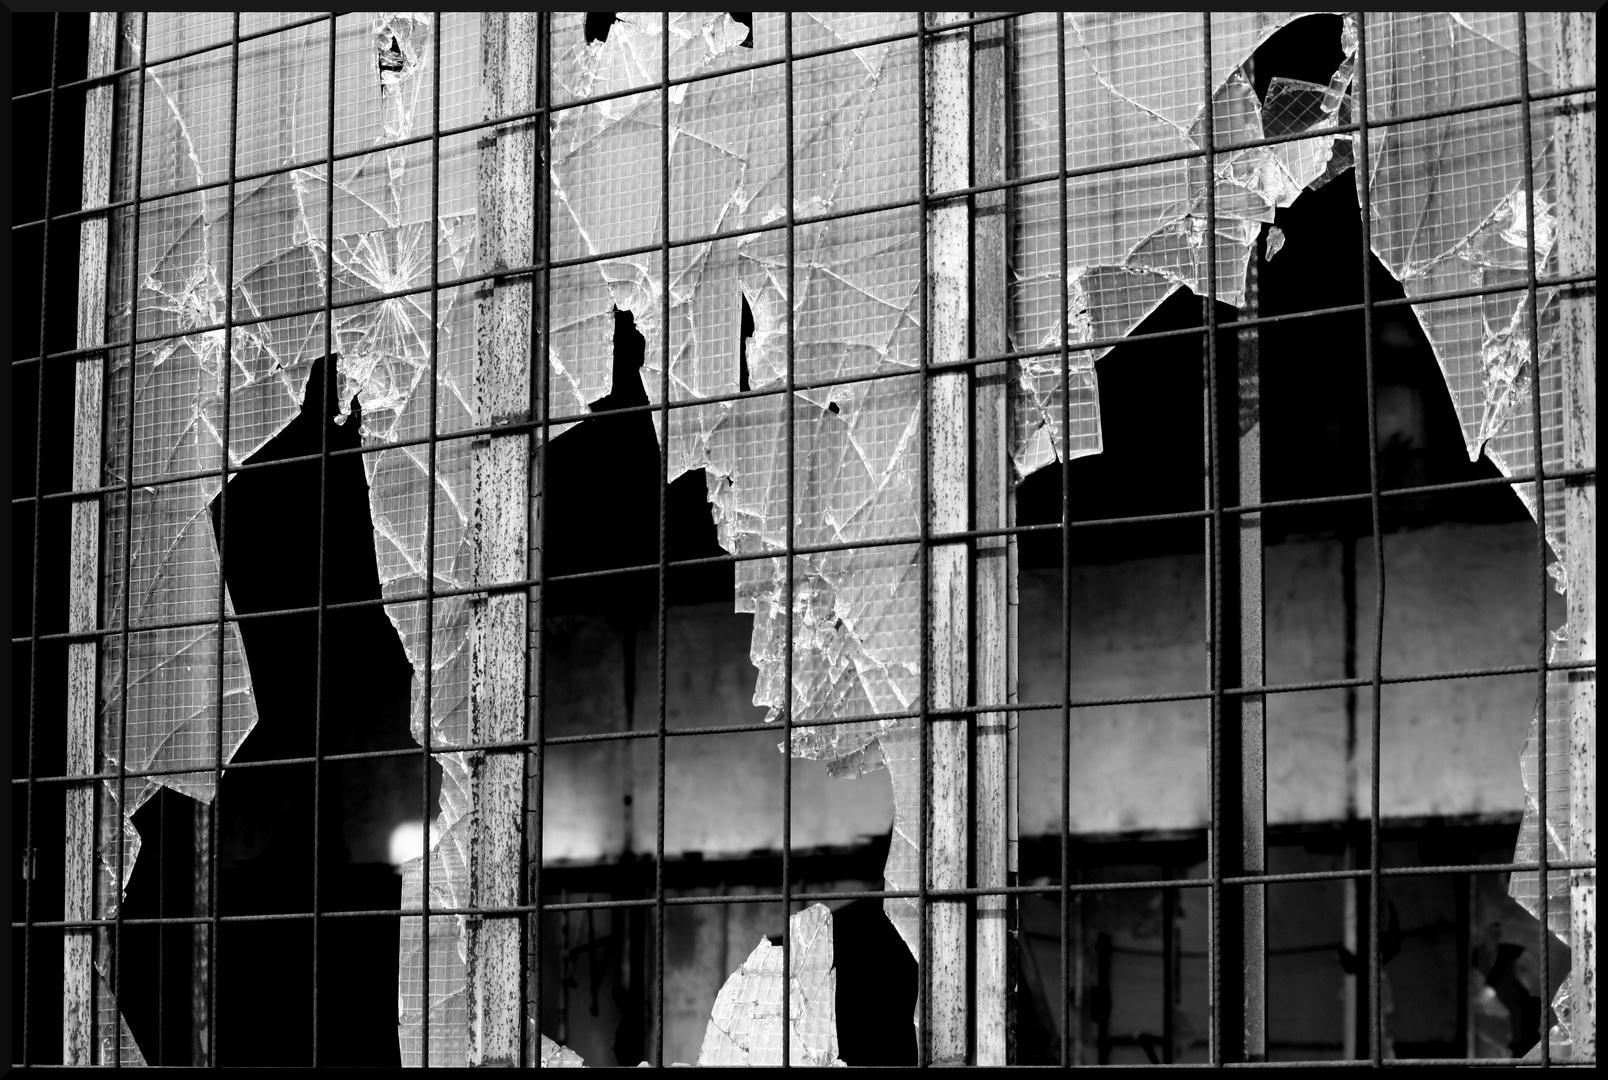 kaputte Fenster, die 3.